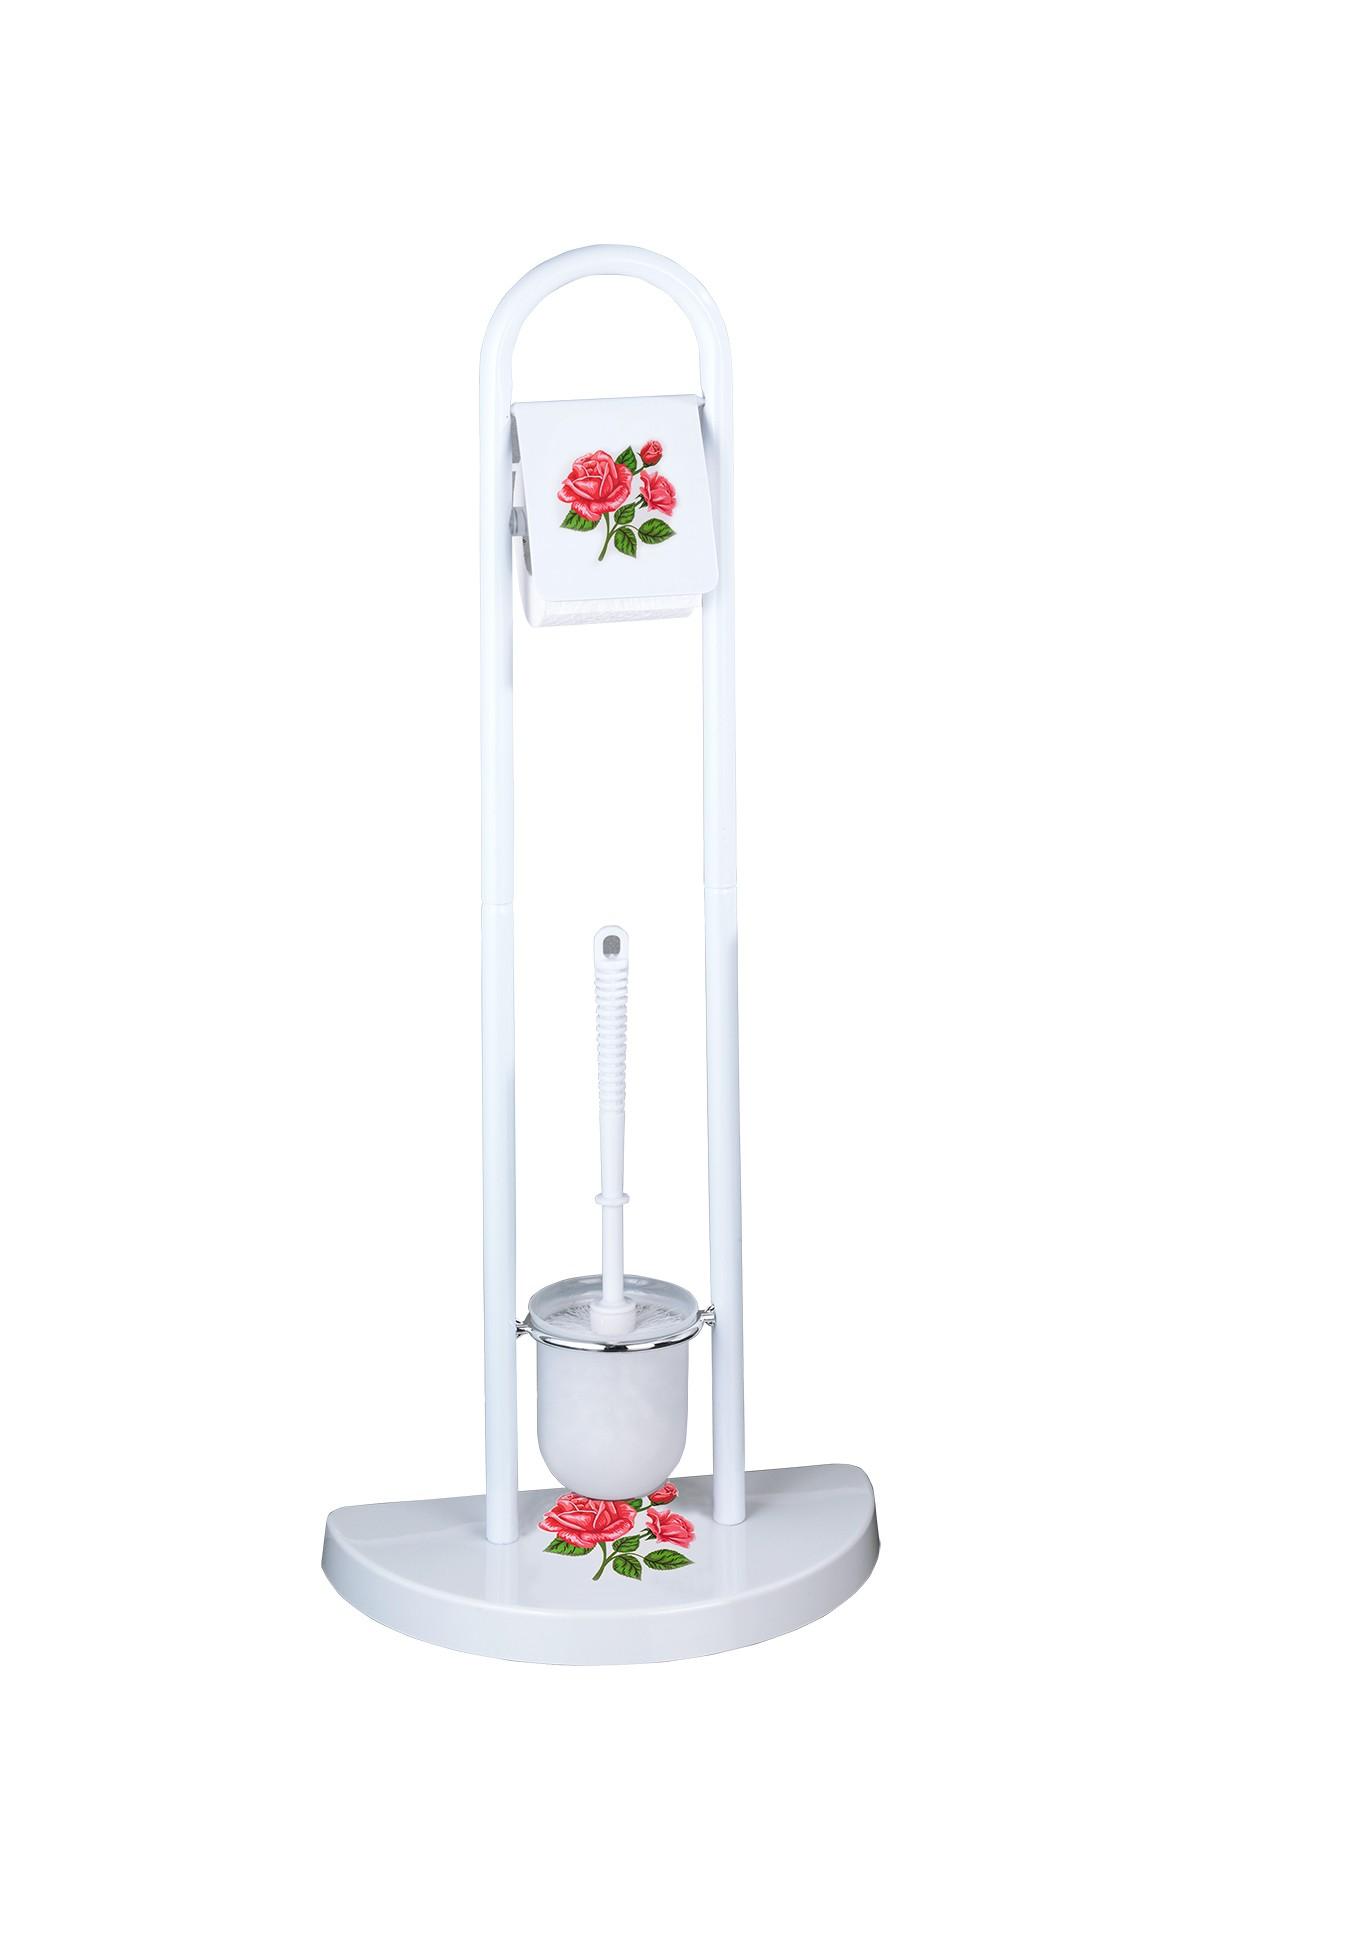 Stand WC-Garnitur Rosen-Romantik